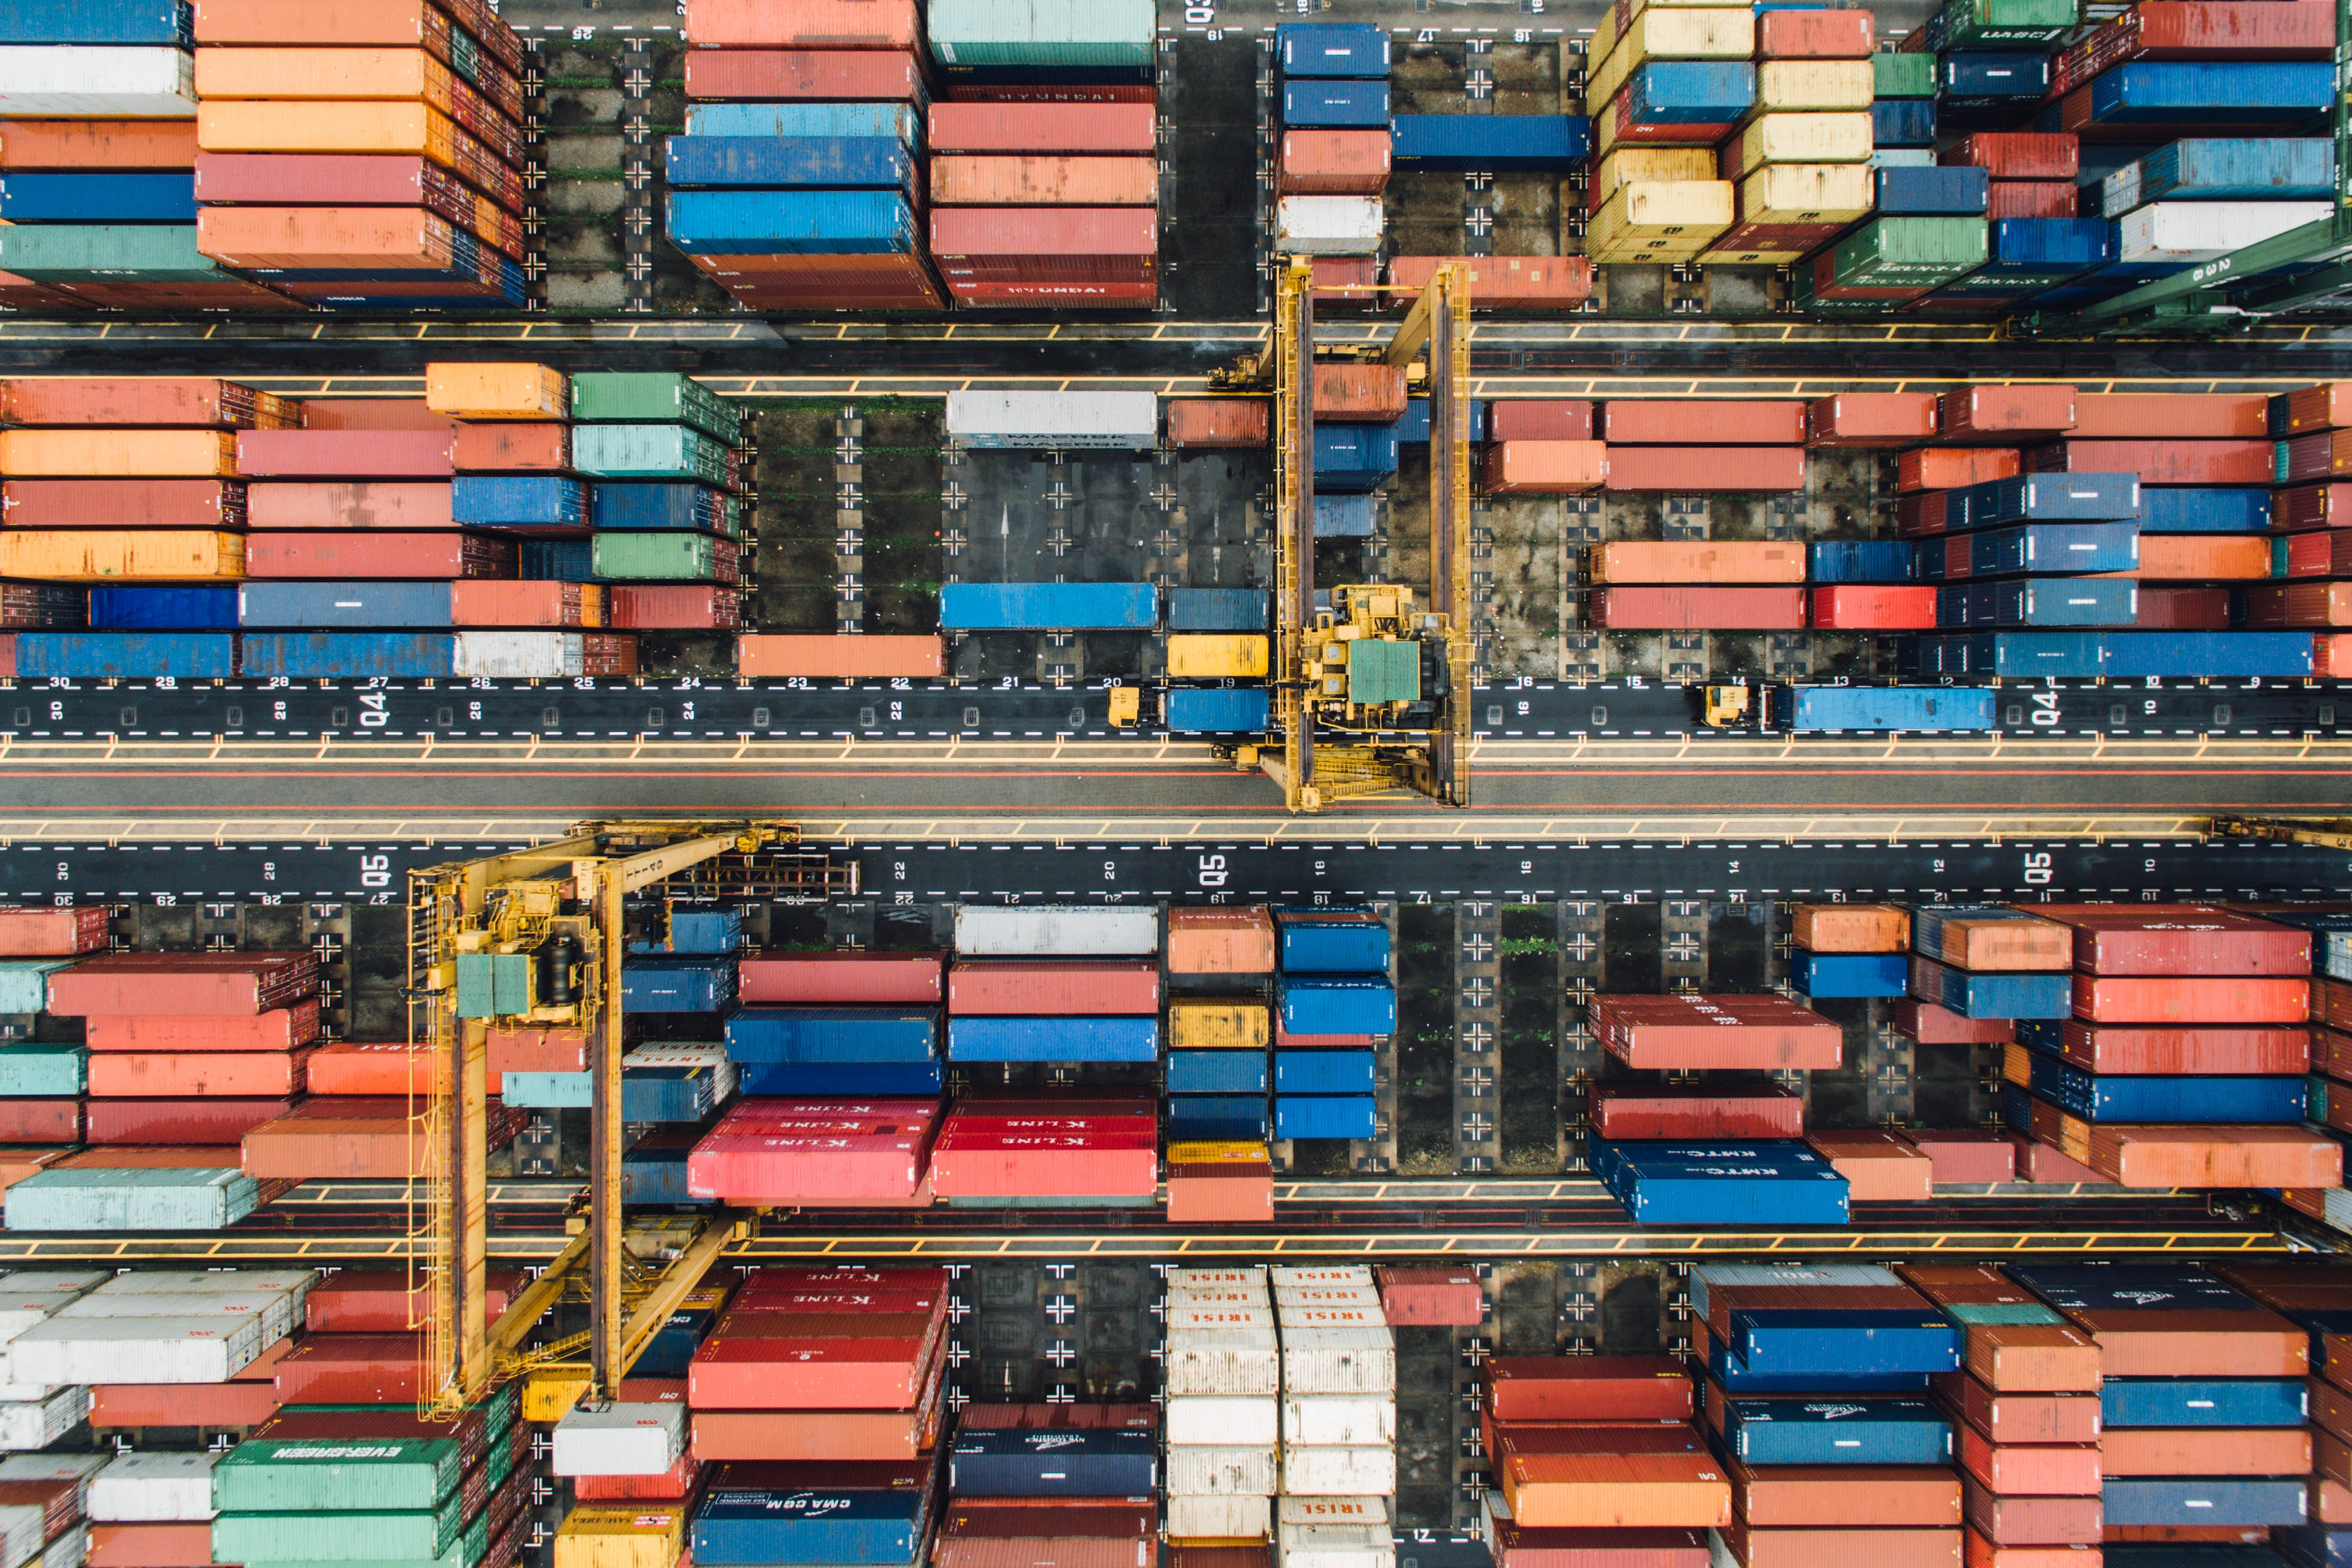 三国間貿易についての考察